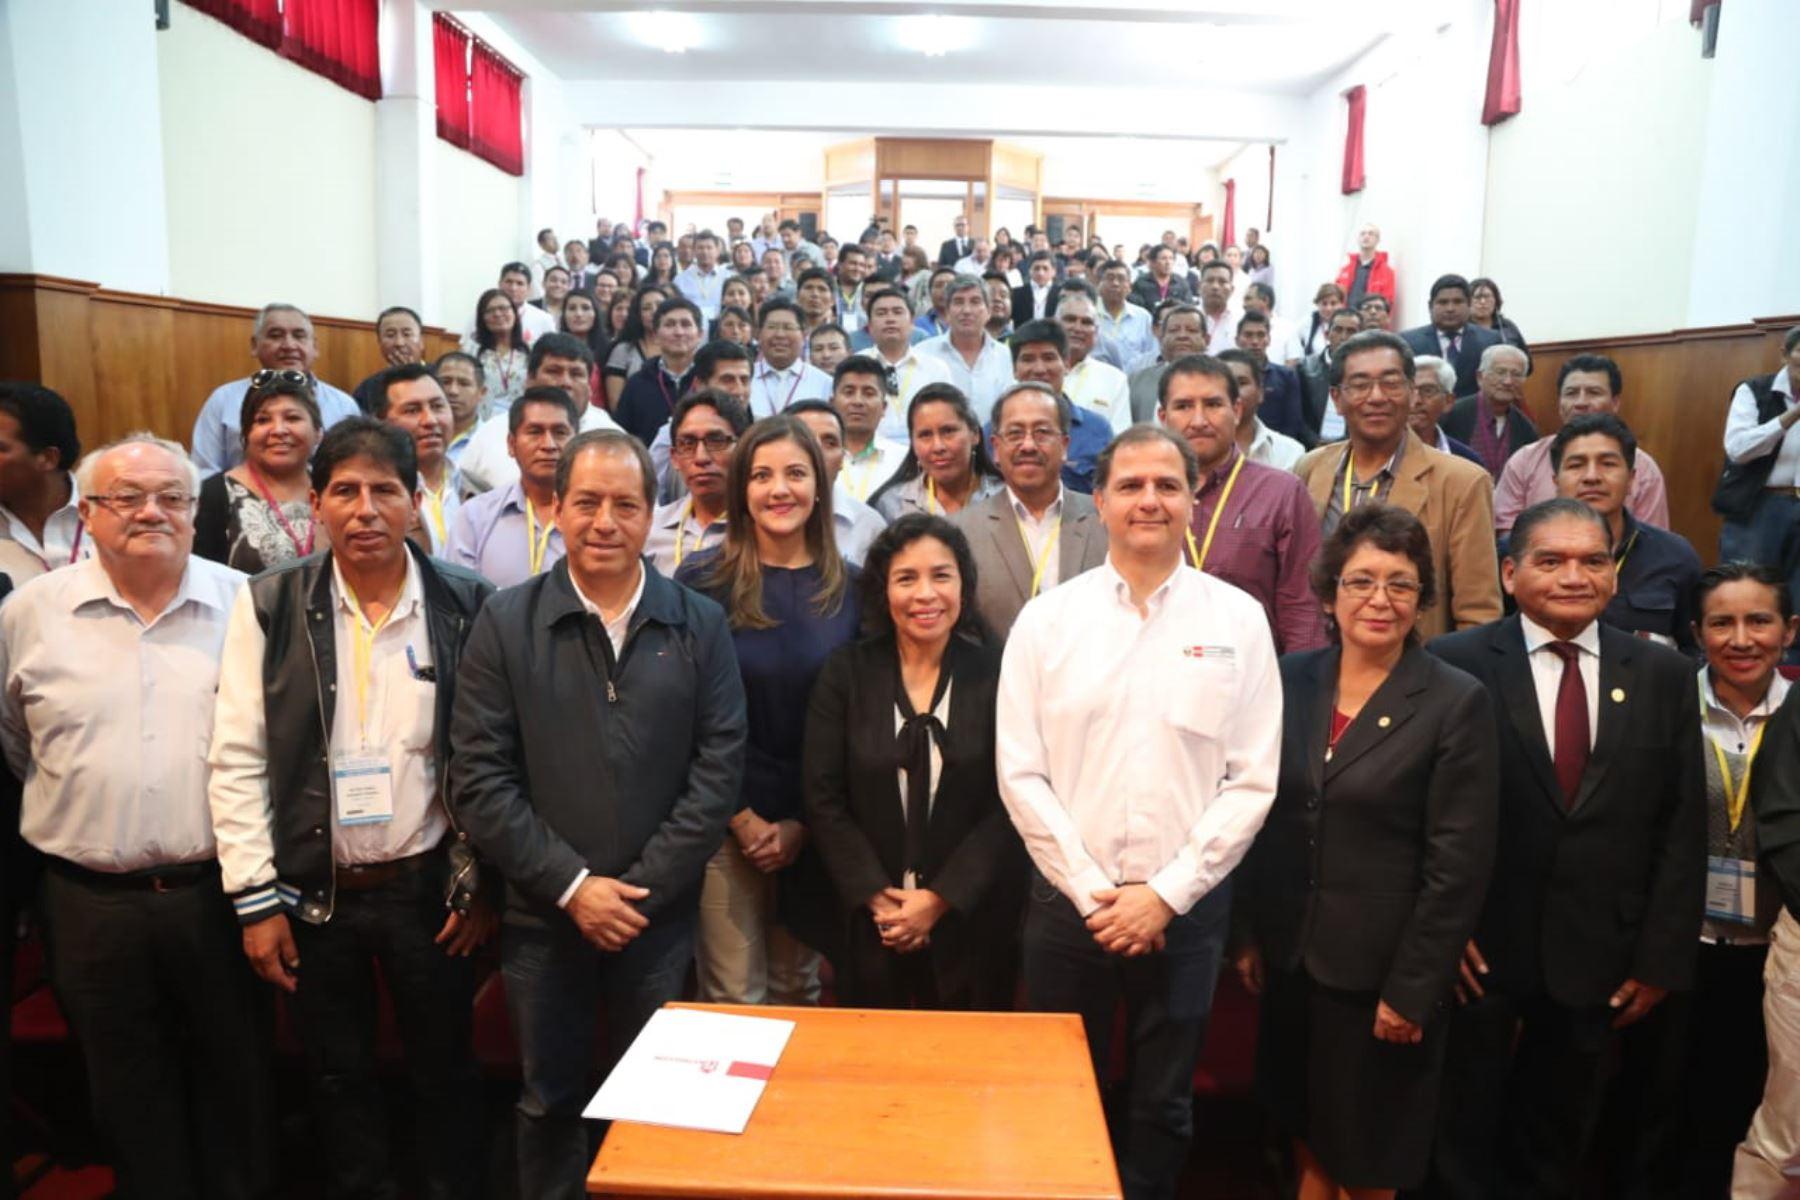 Ministra de Cultura, Patricia Balbuena demanda mayor compromiso a autoridades electas con miras a los objetivos del Bicentenario. ANDINA/Difusión